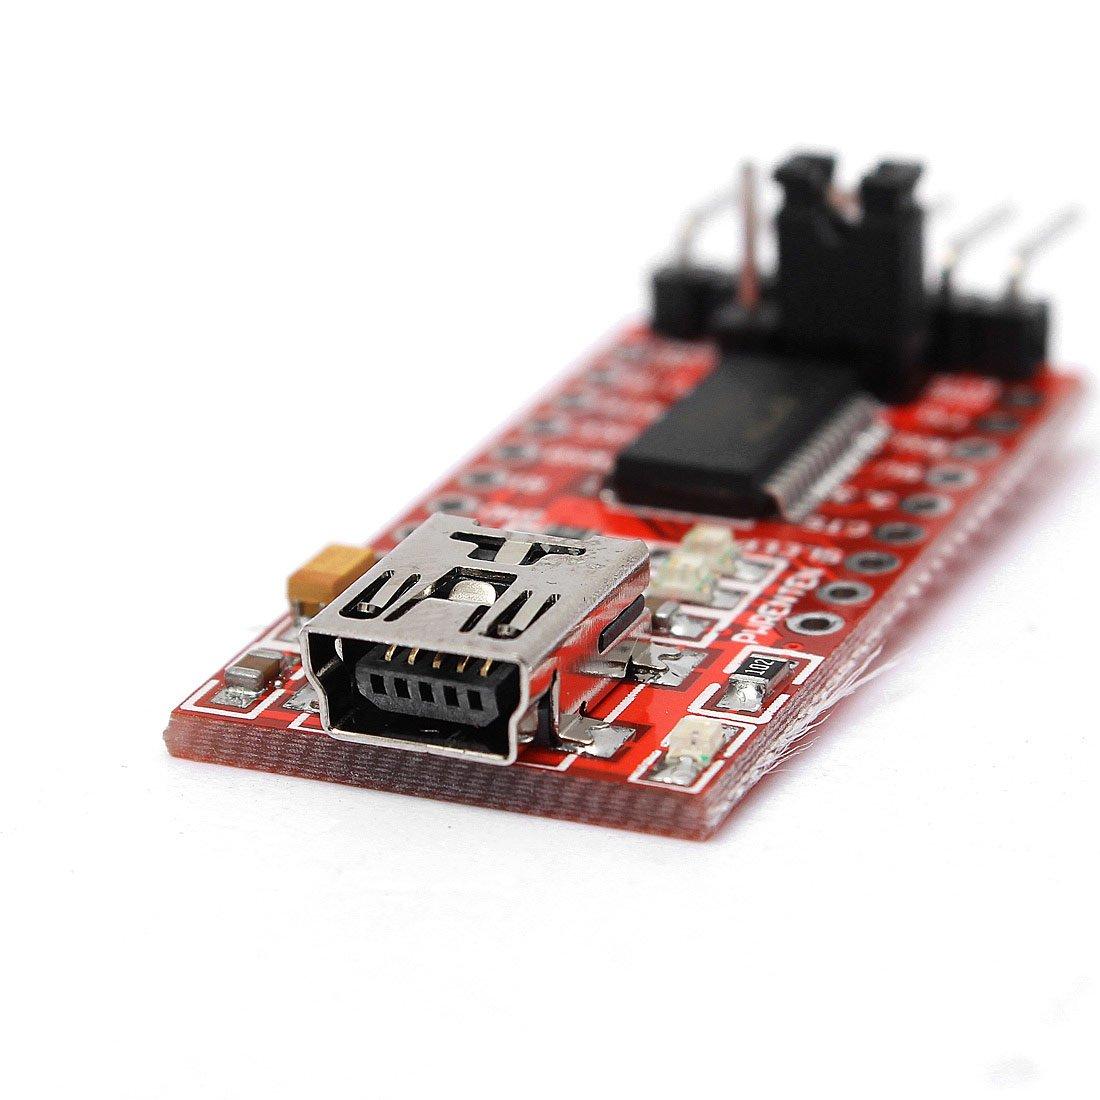 PROMOTION! Hot Sale FT232RL Module 5V 3.3V FTDI USB TTL conversion adapter Red